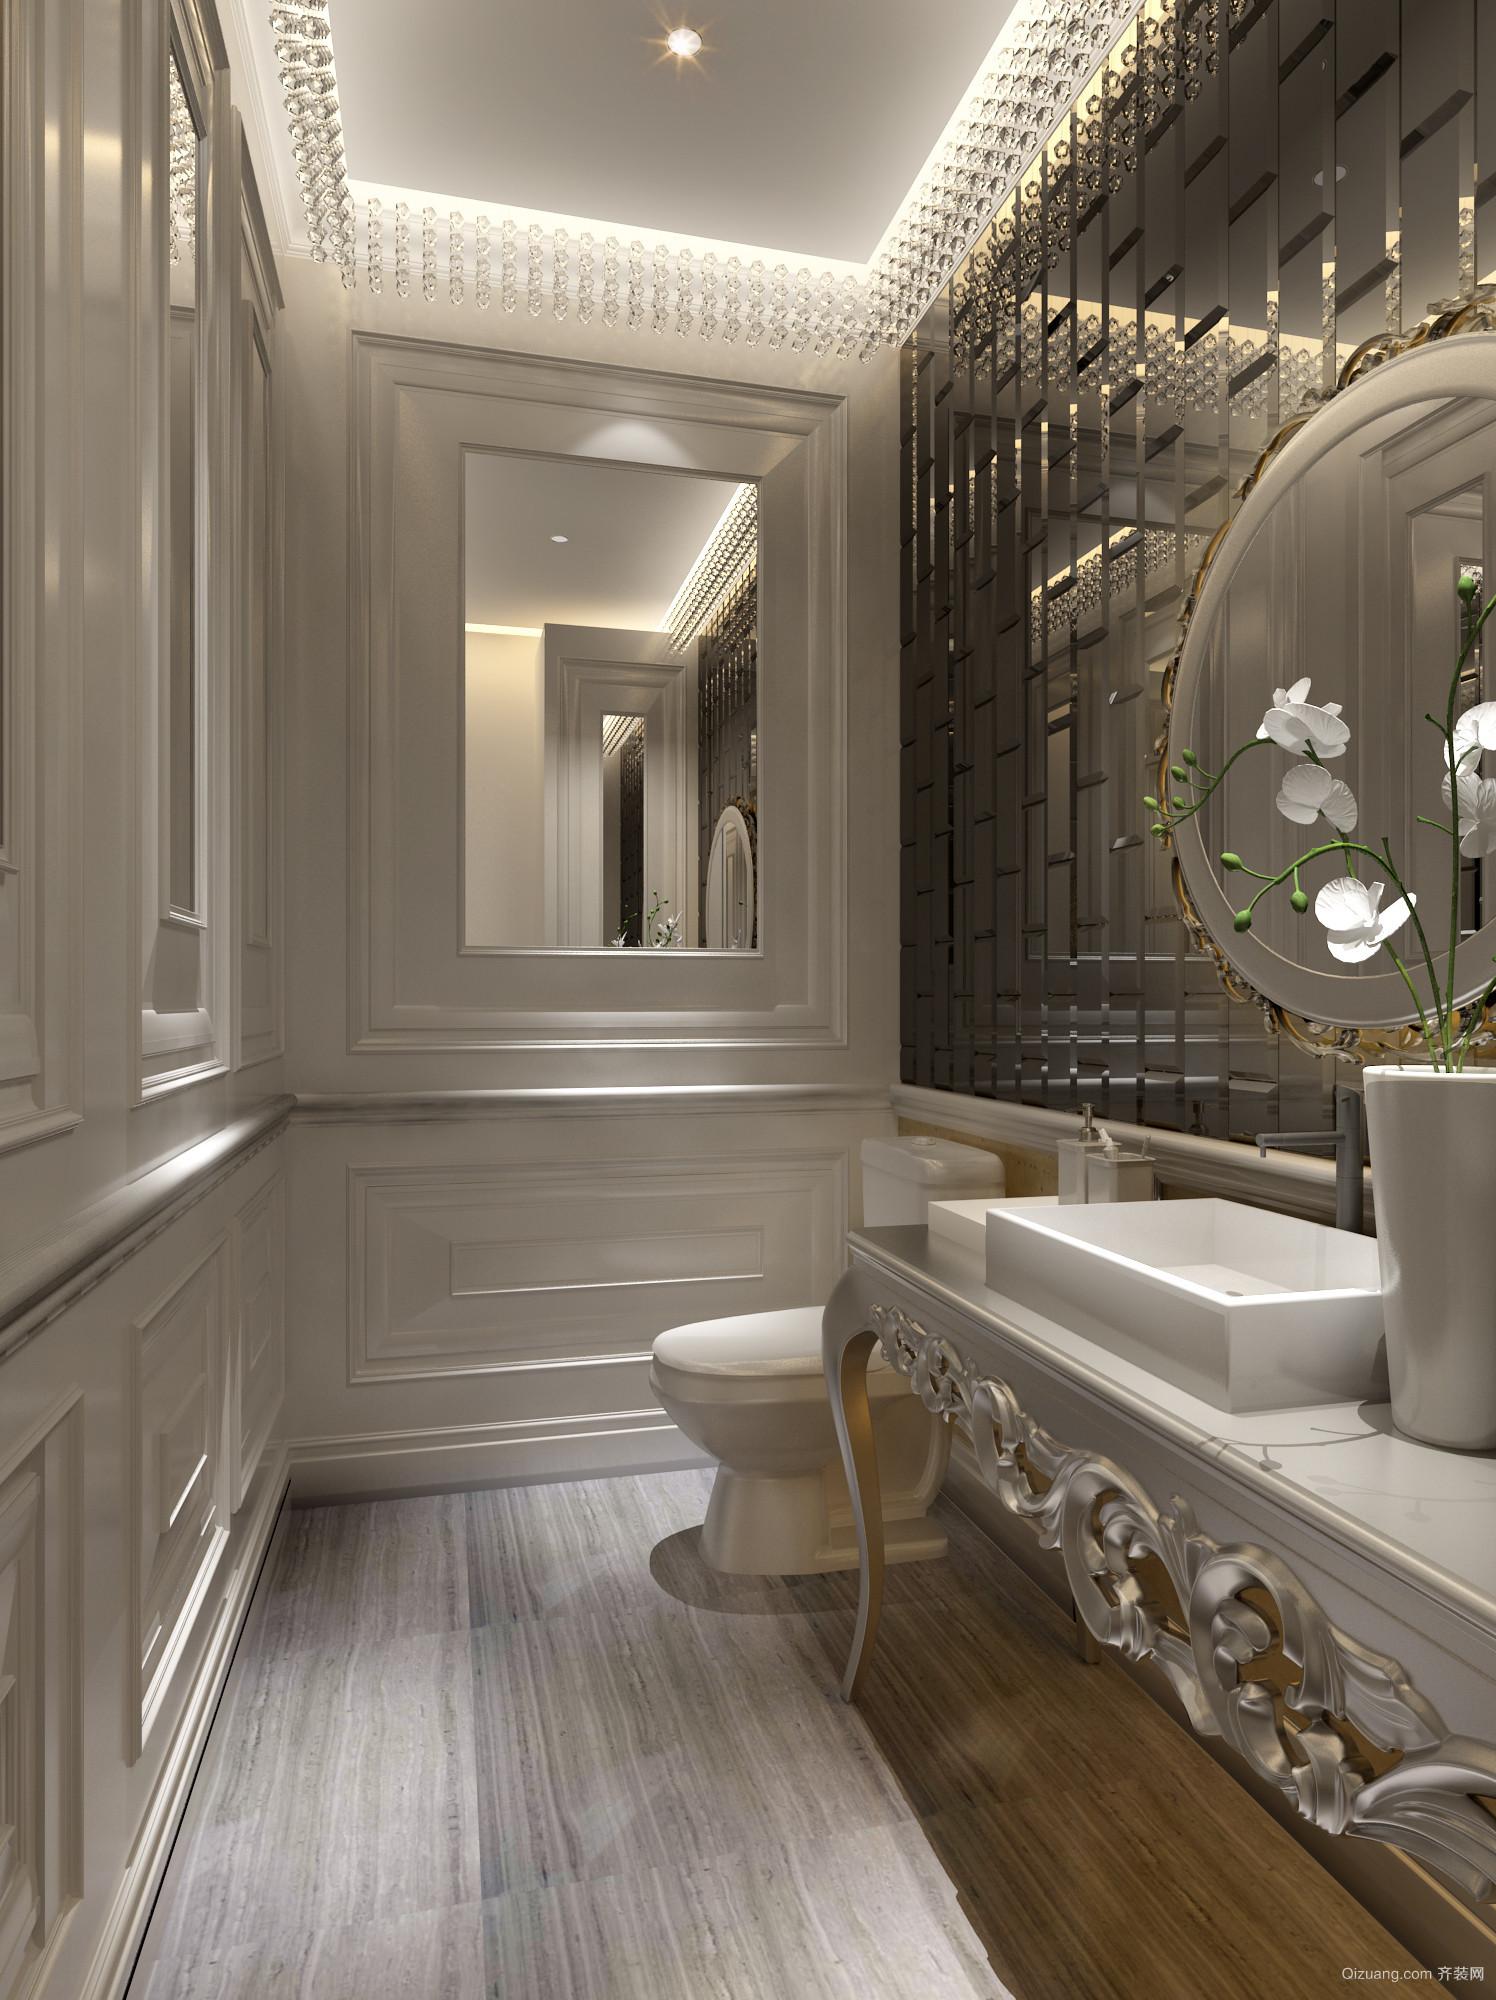 柳州套房欧式风格装修效果图实景图